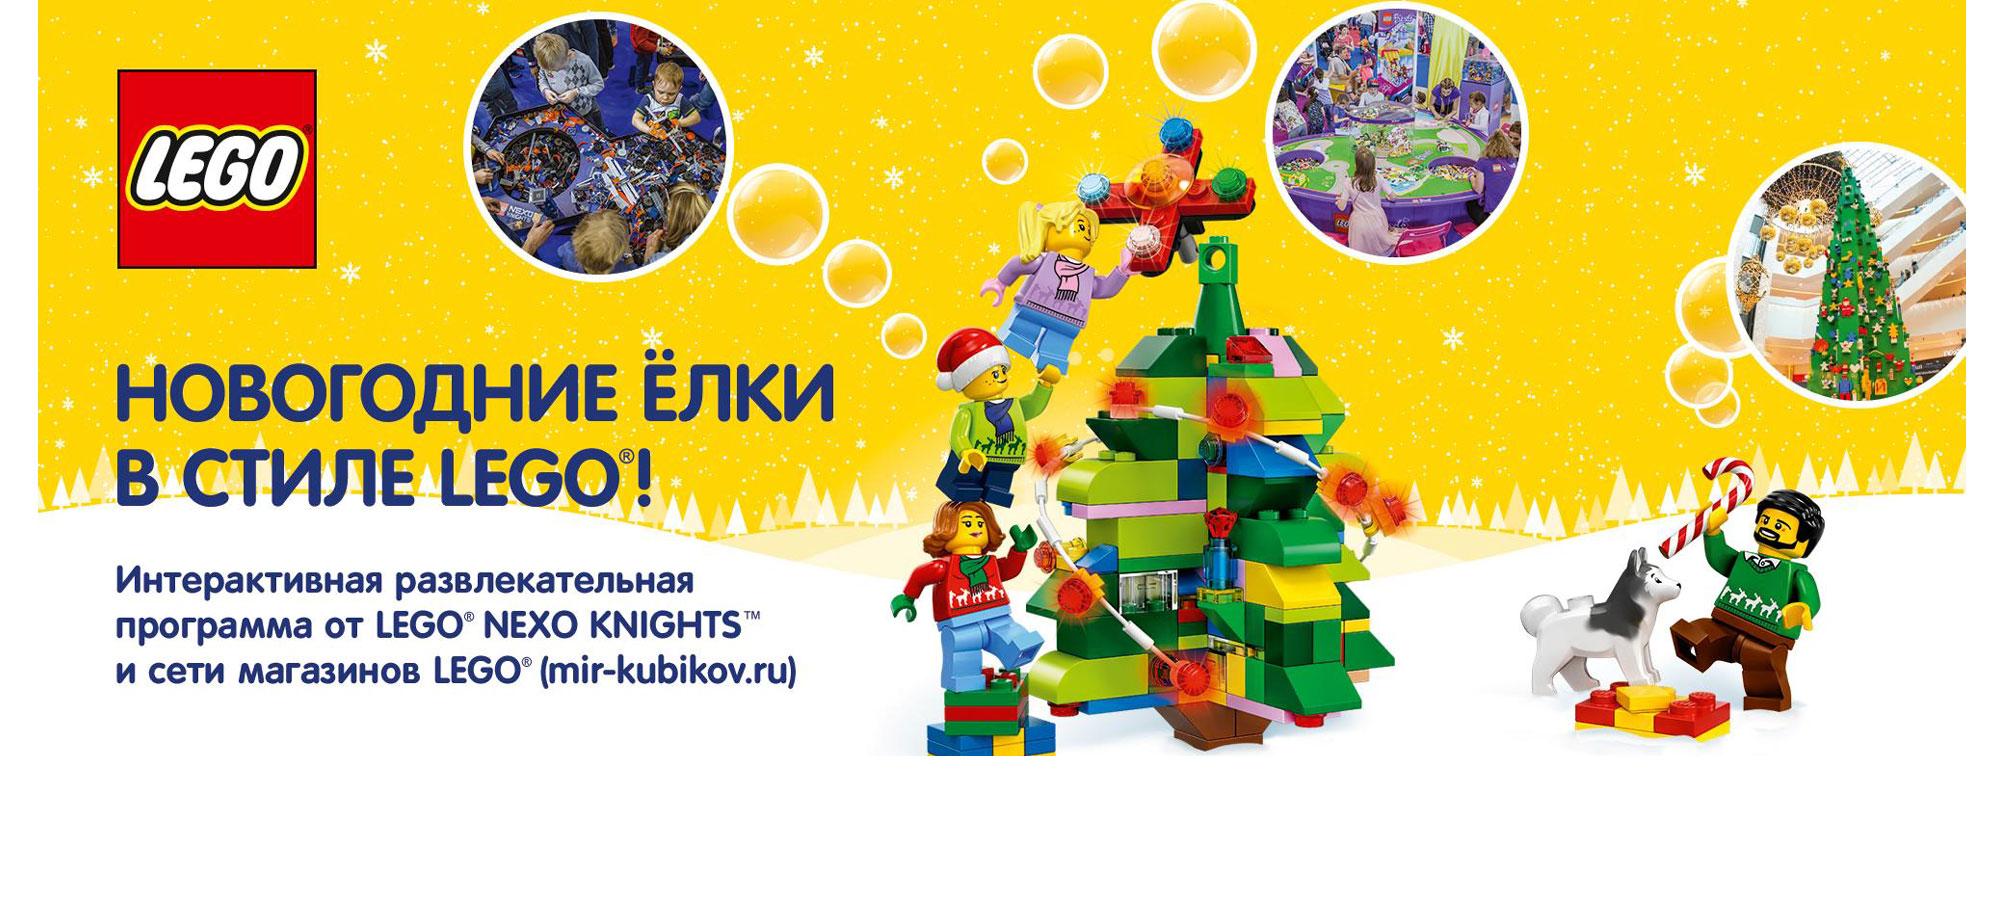 Новогодние Ёлки в стиле LEGO.